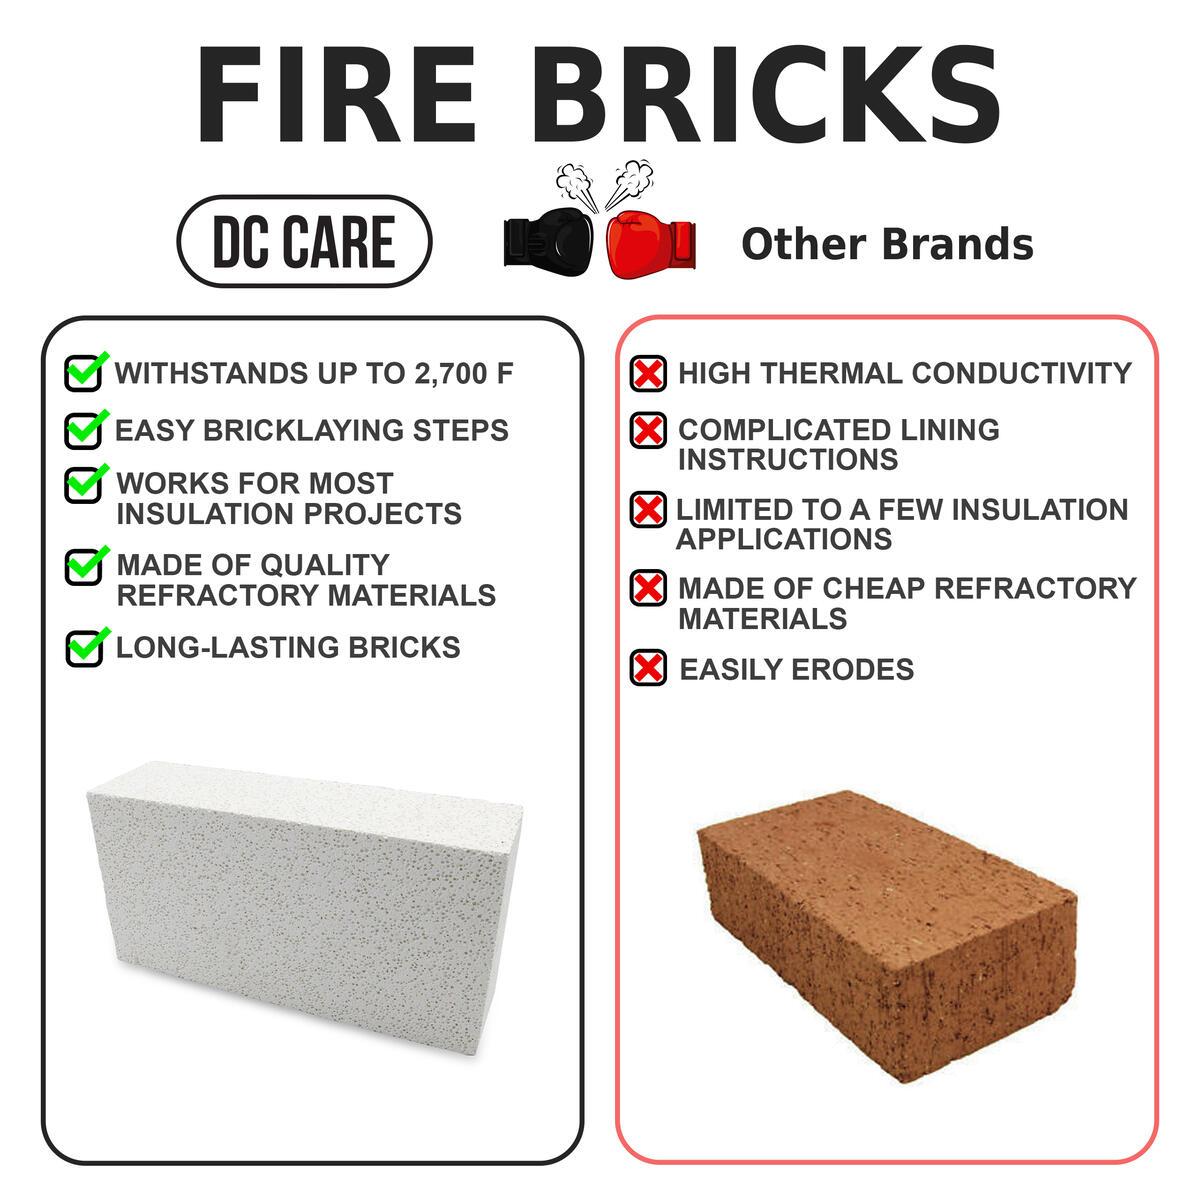 Fire Bricks Cash Back Rebatekey